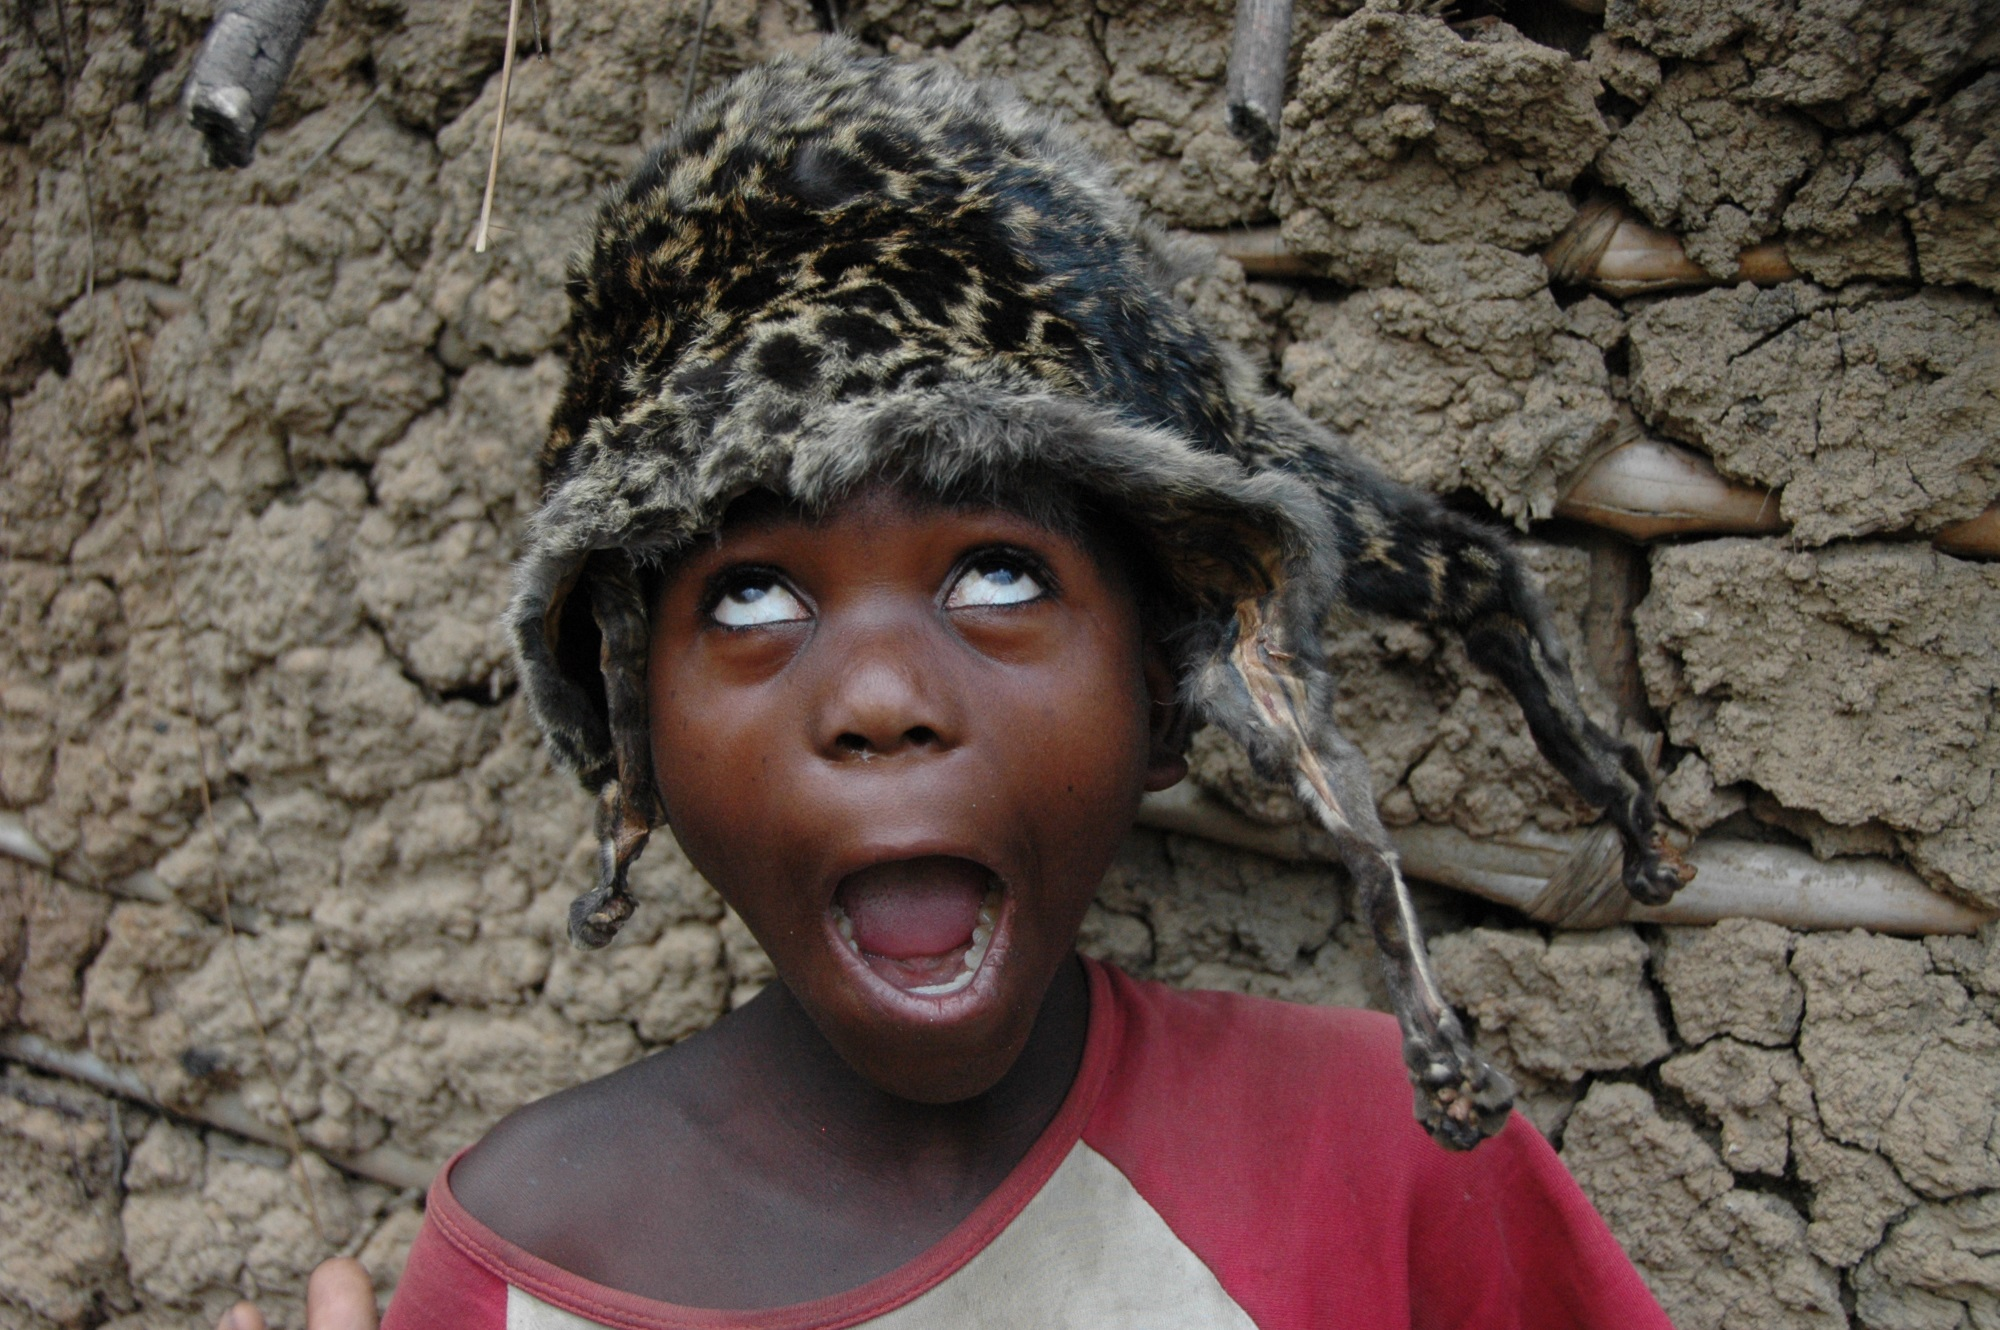 Congo20062